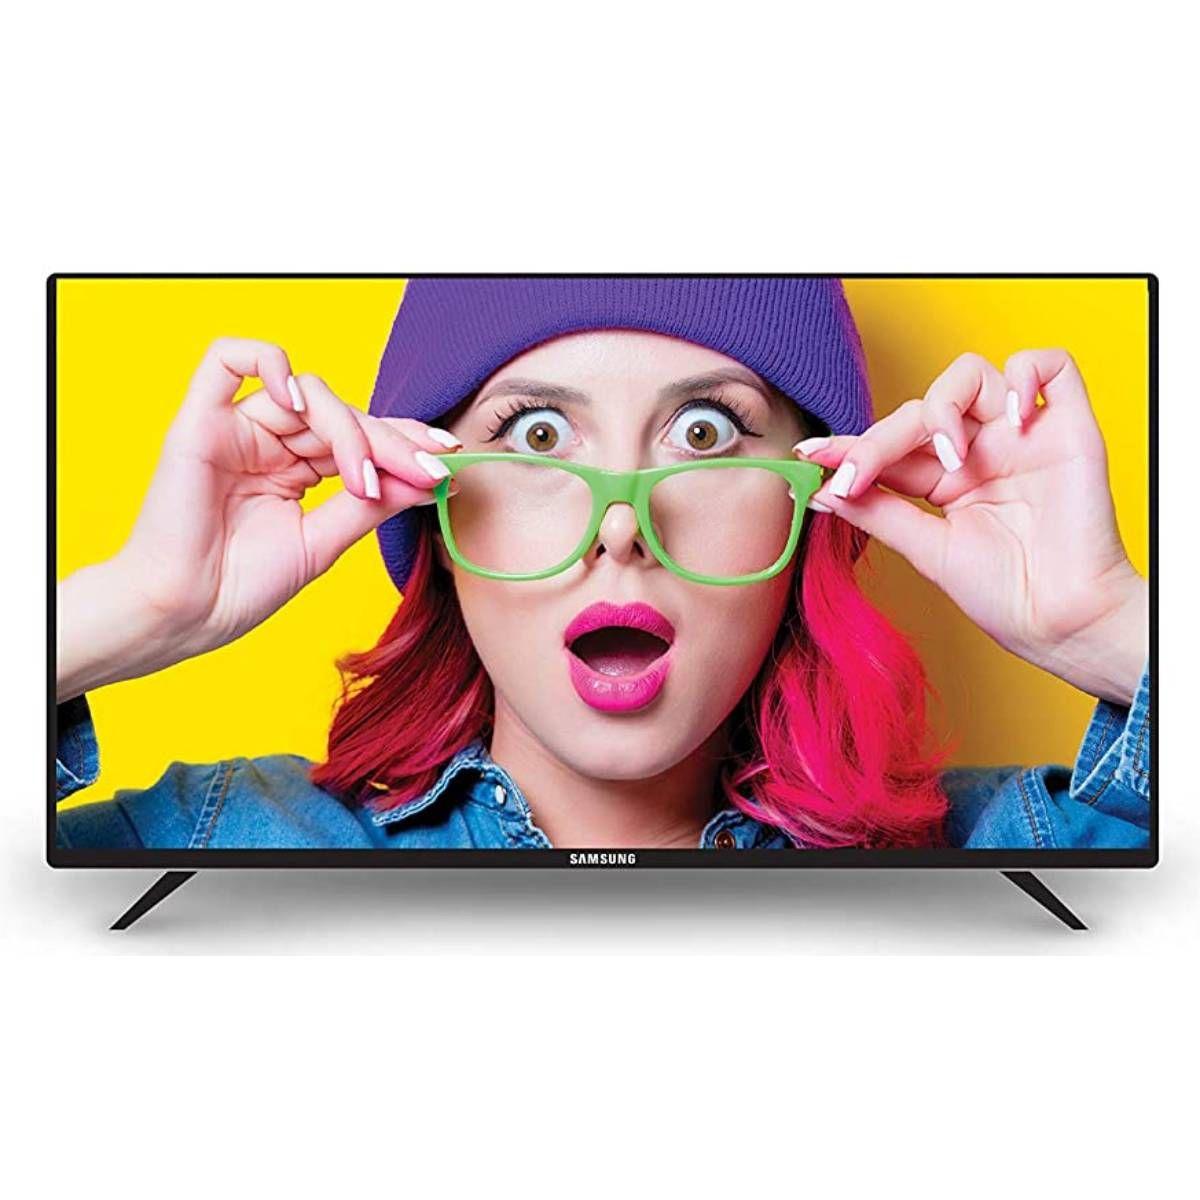 ಸ್ಯಾಮ್ಸಂಗ್ 32 Inches HD Ready LED Smart TV  Wondertainment Series (UA32T4340AKXXL)